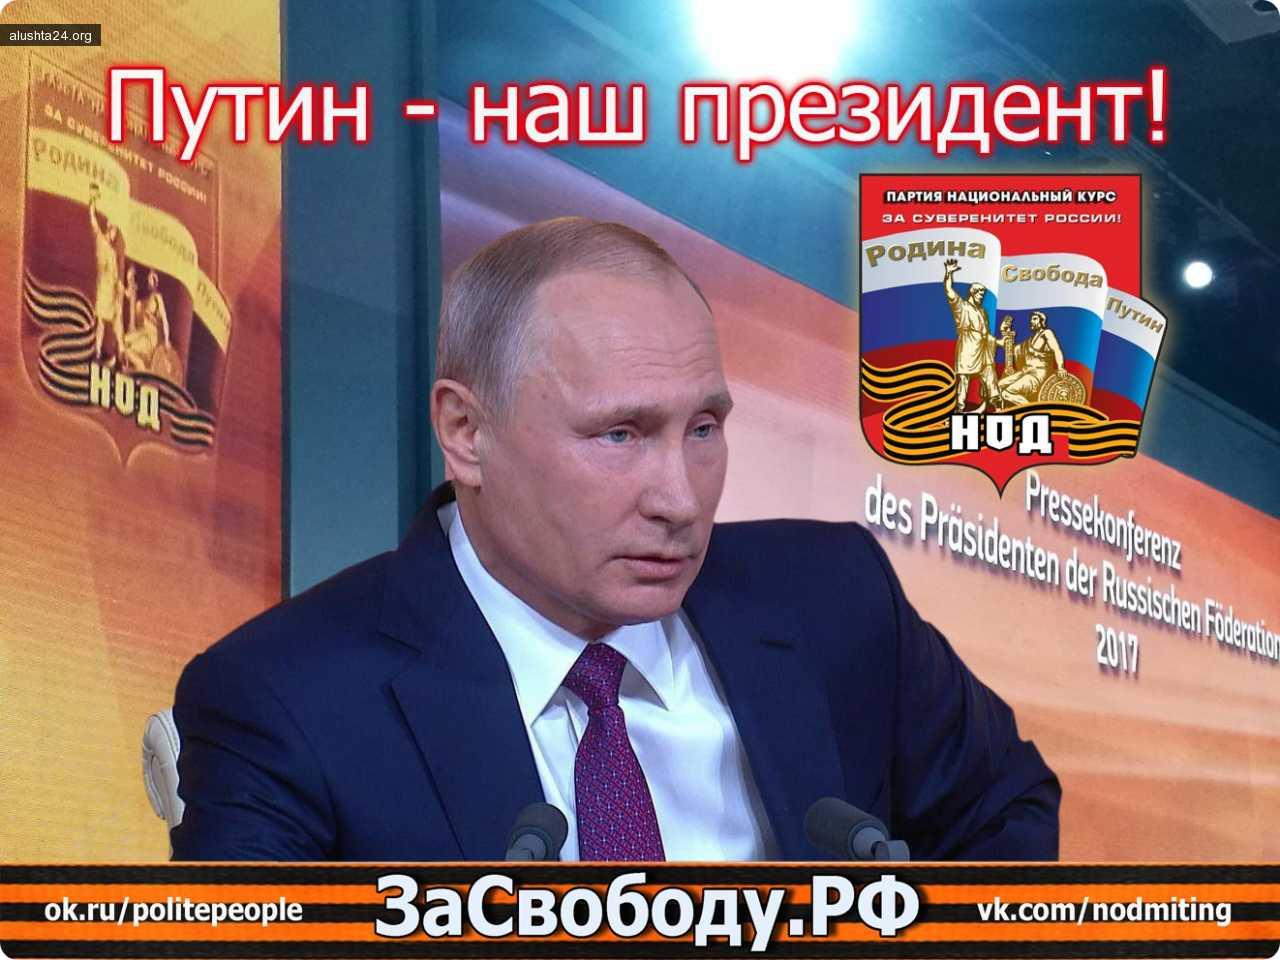 Блог им. НОД-посолонь: НОД. Акция 22 декабря За суверенитет и независимость от Западных друзей и пятой колонны